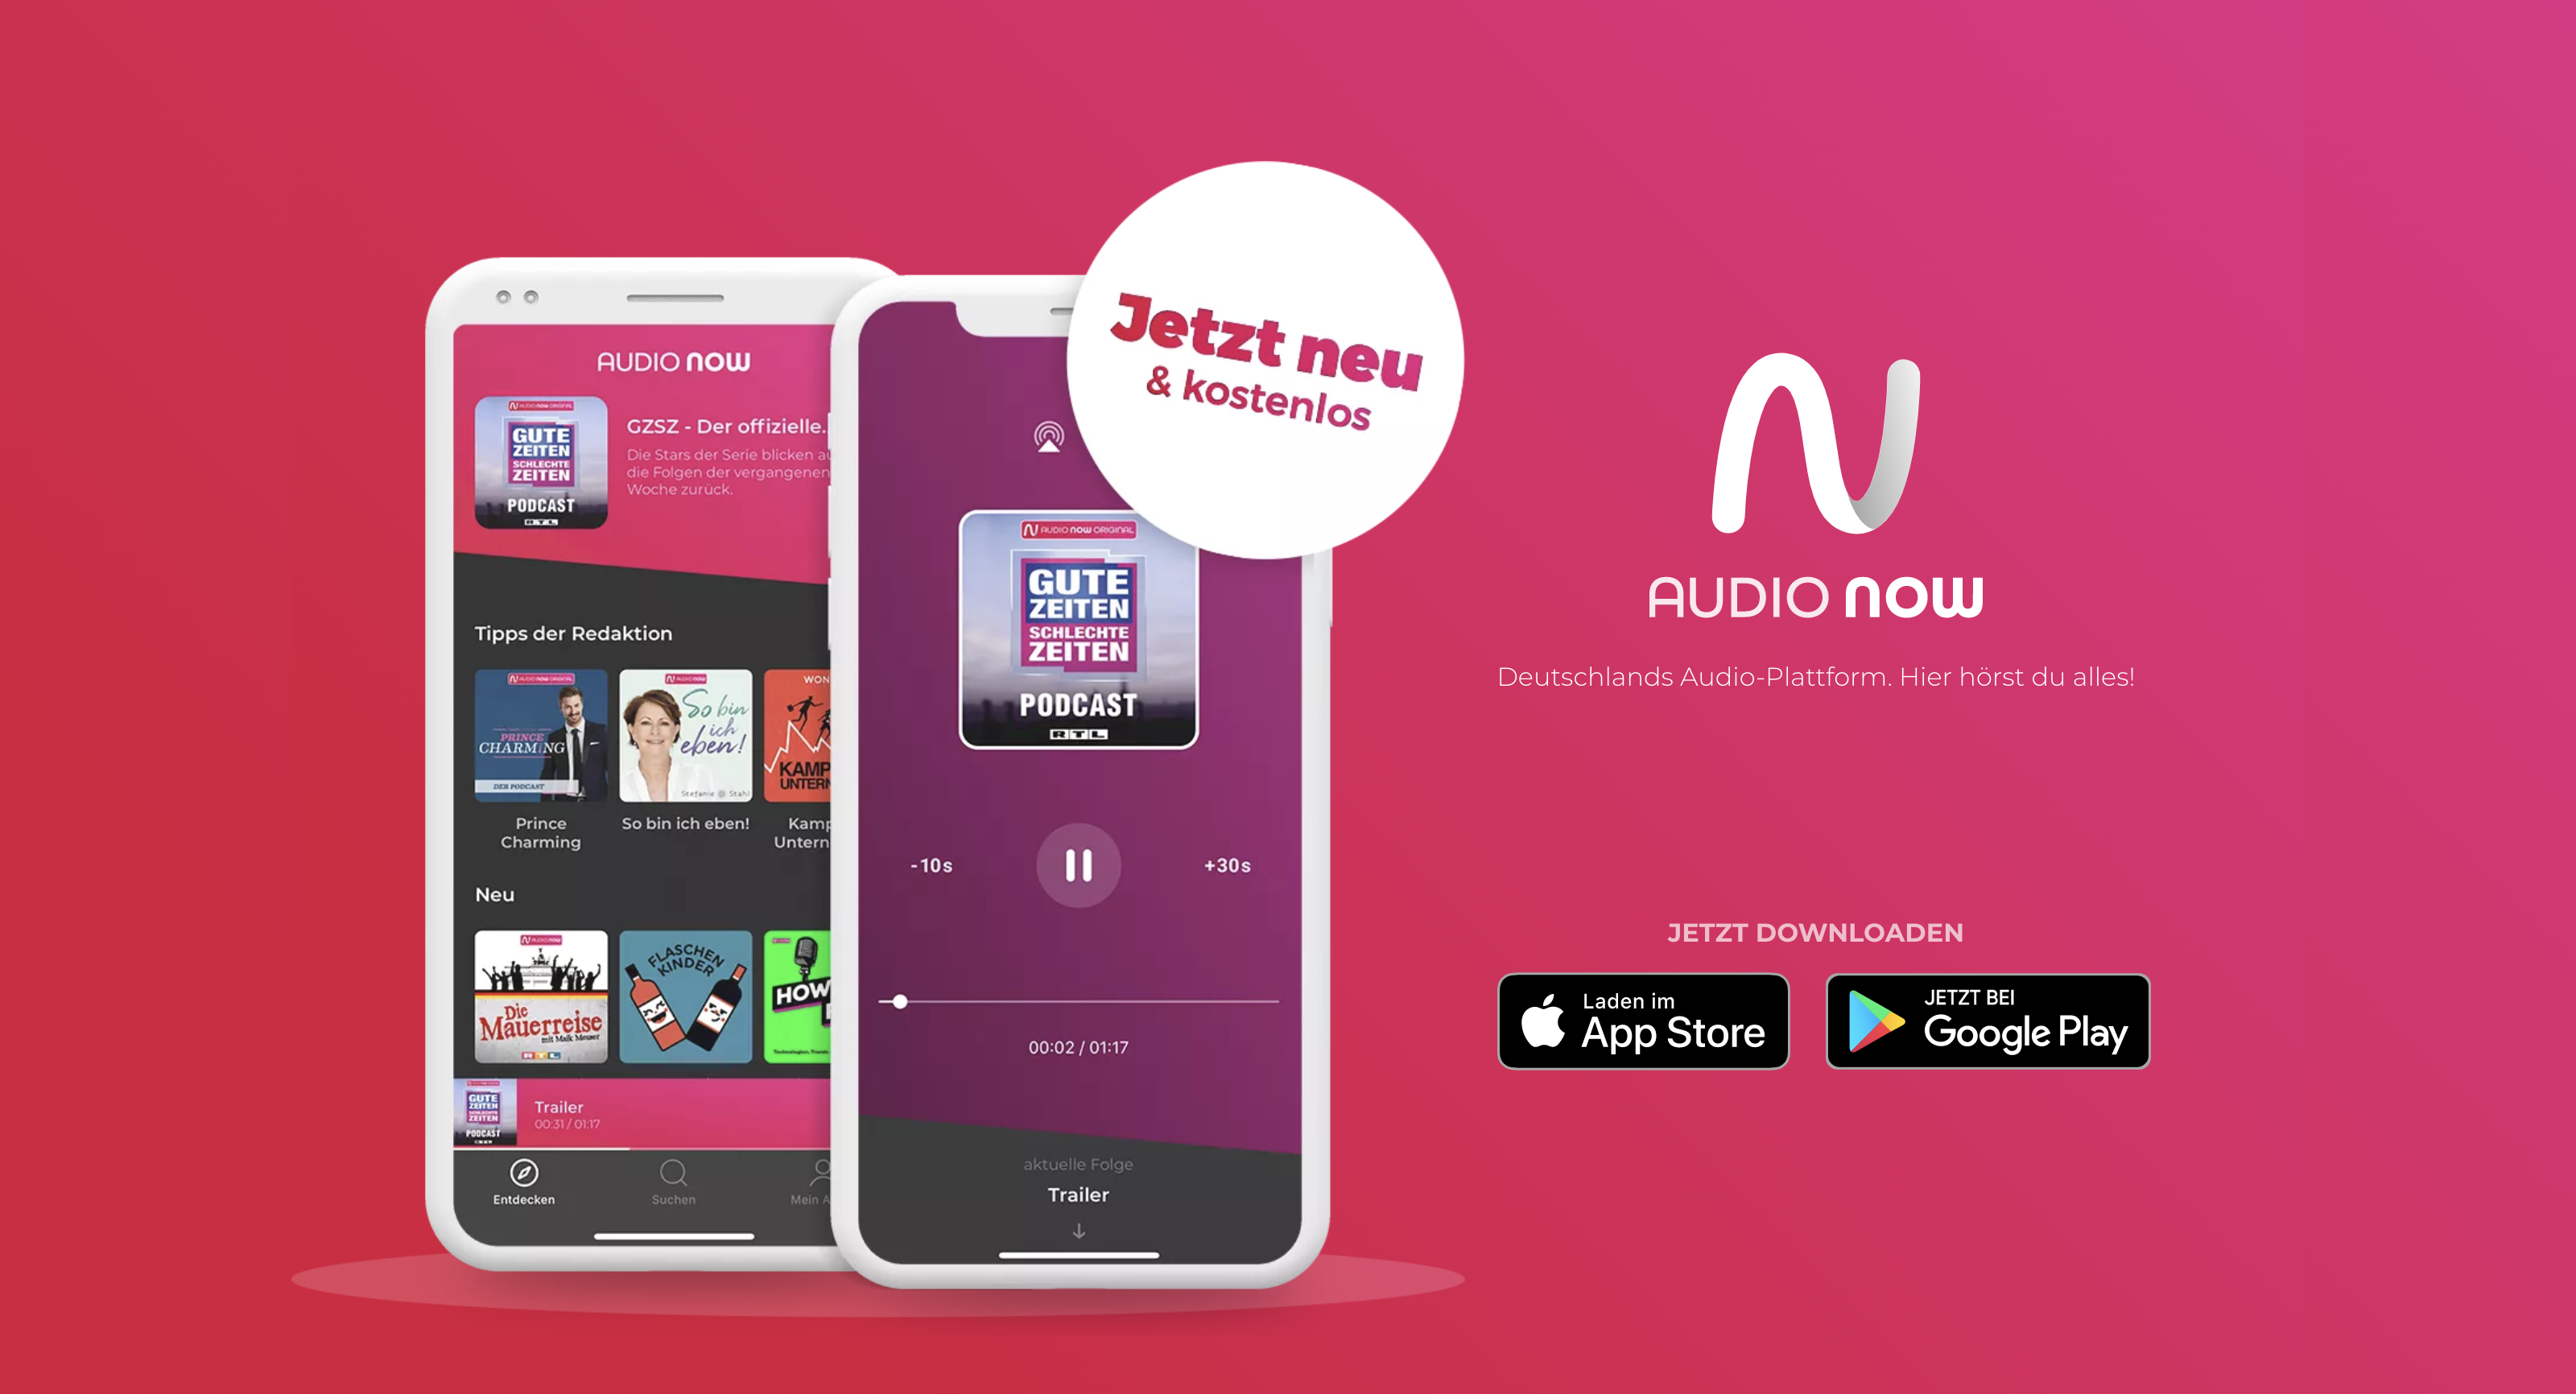 Website AudioNow